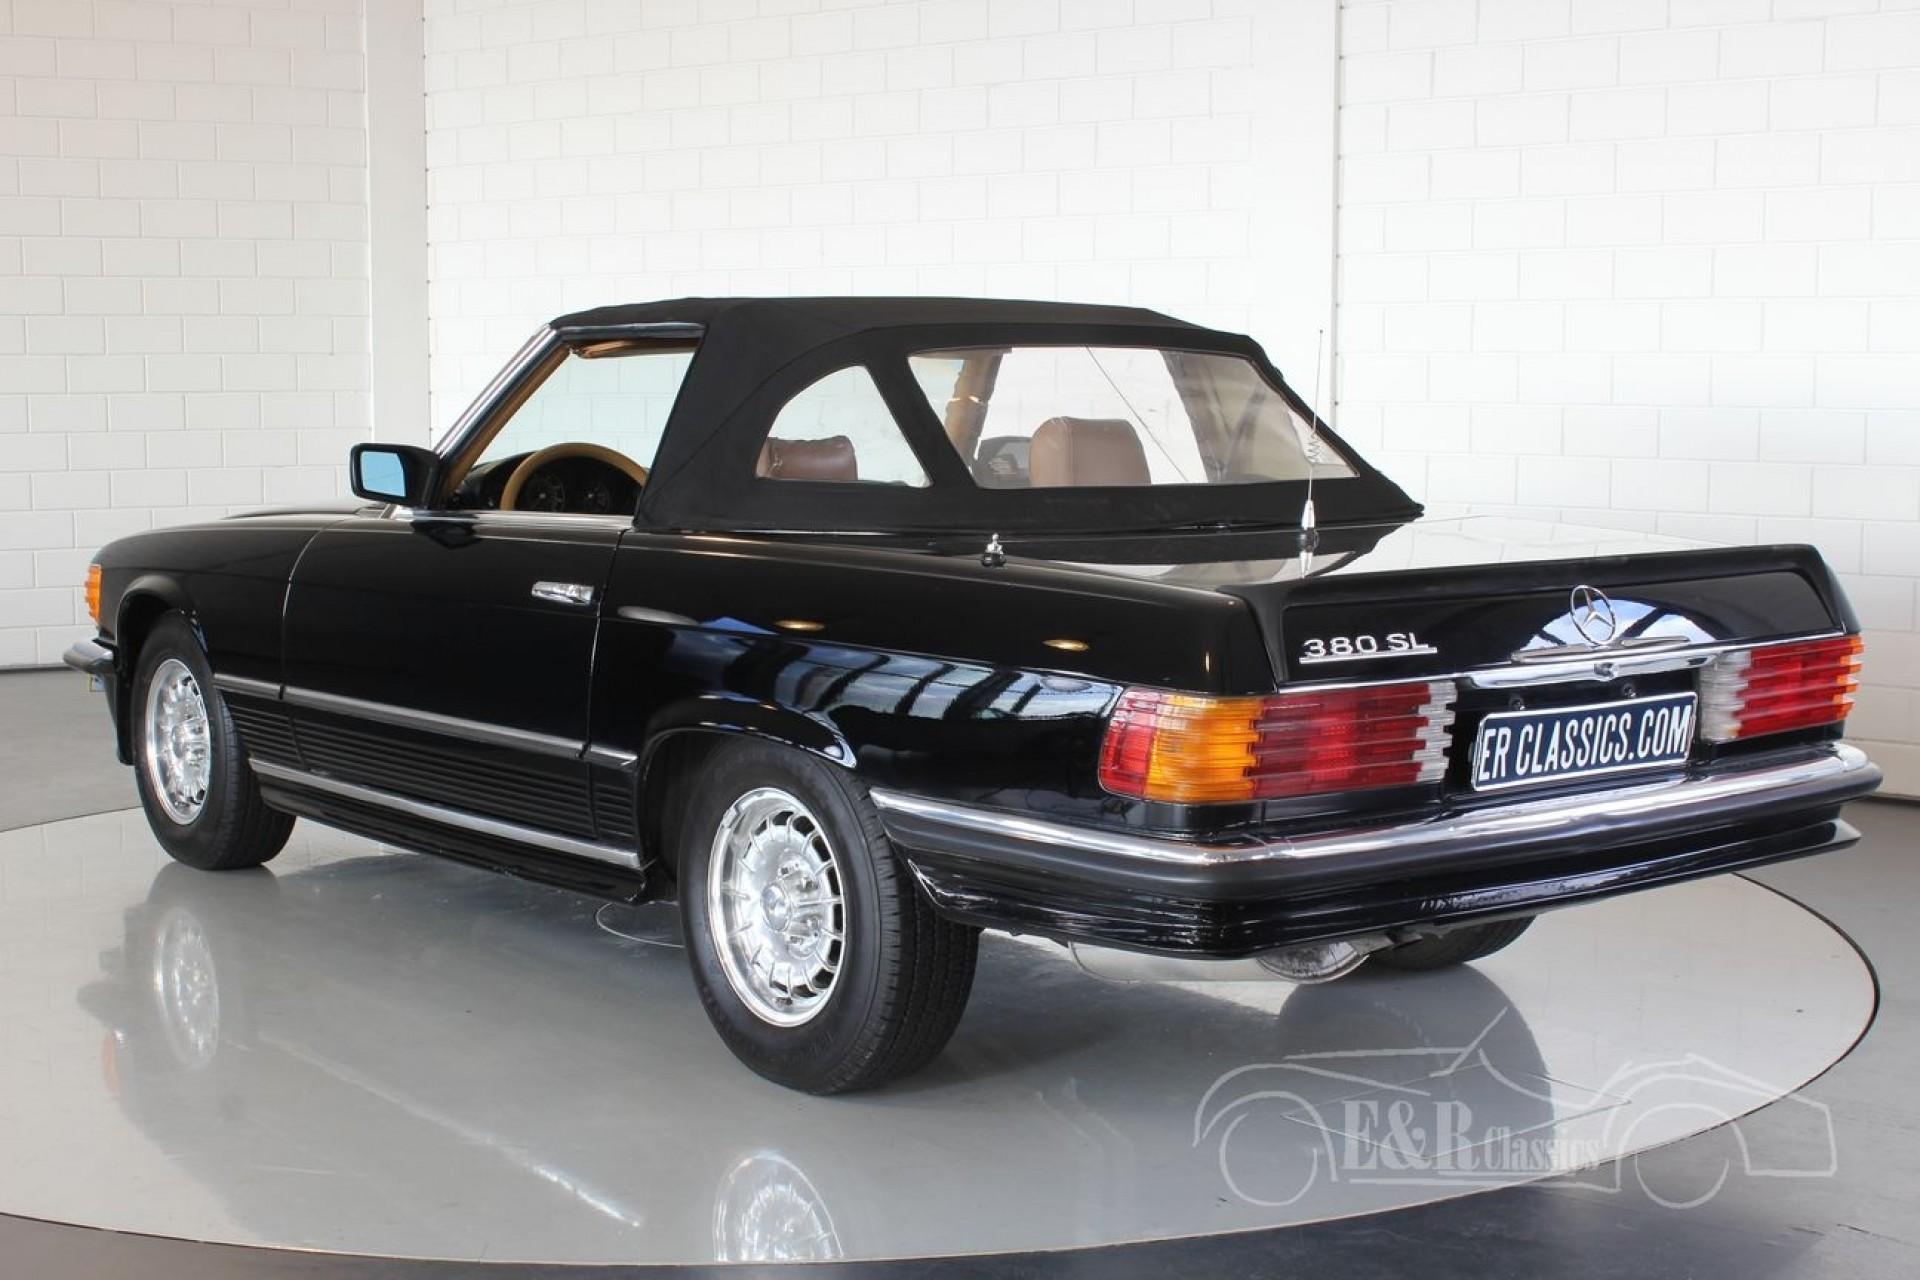 Mercedes benz 380 sl cabriolet 1985 vendre erclassics for Mercedes benz stock